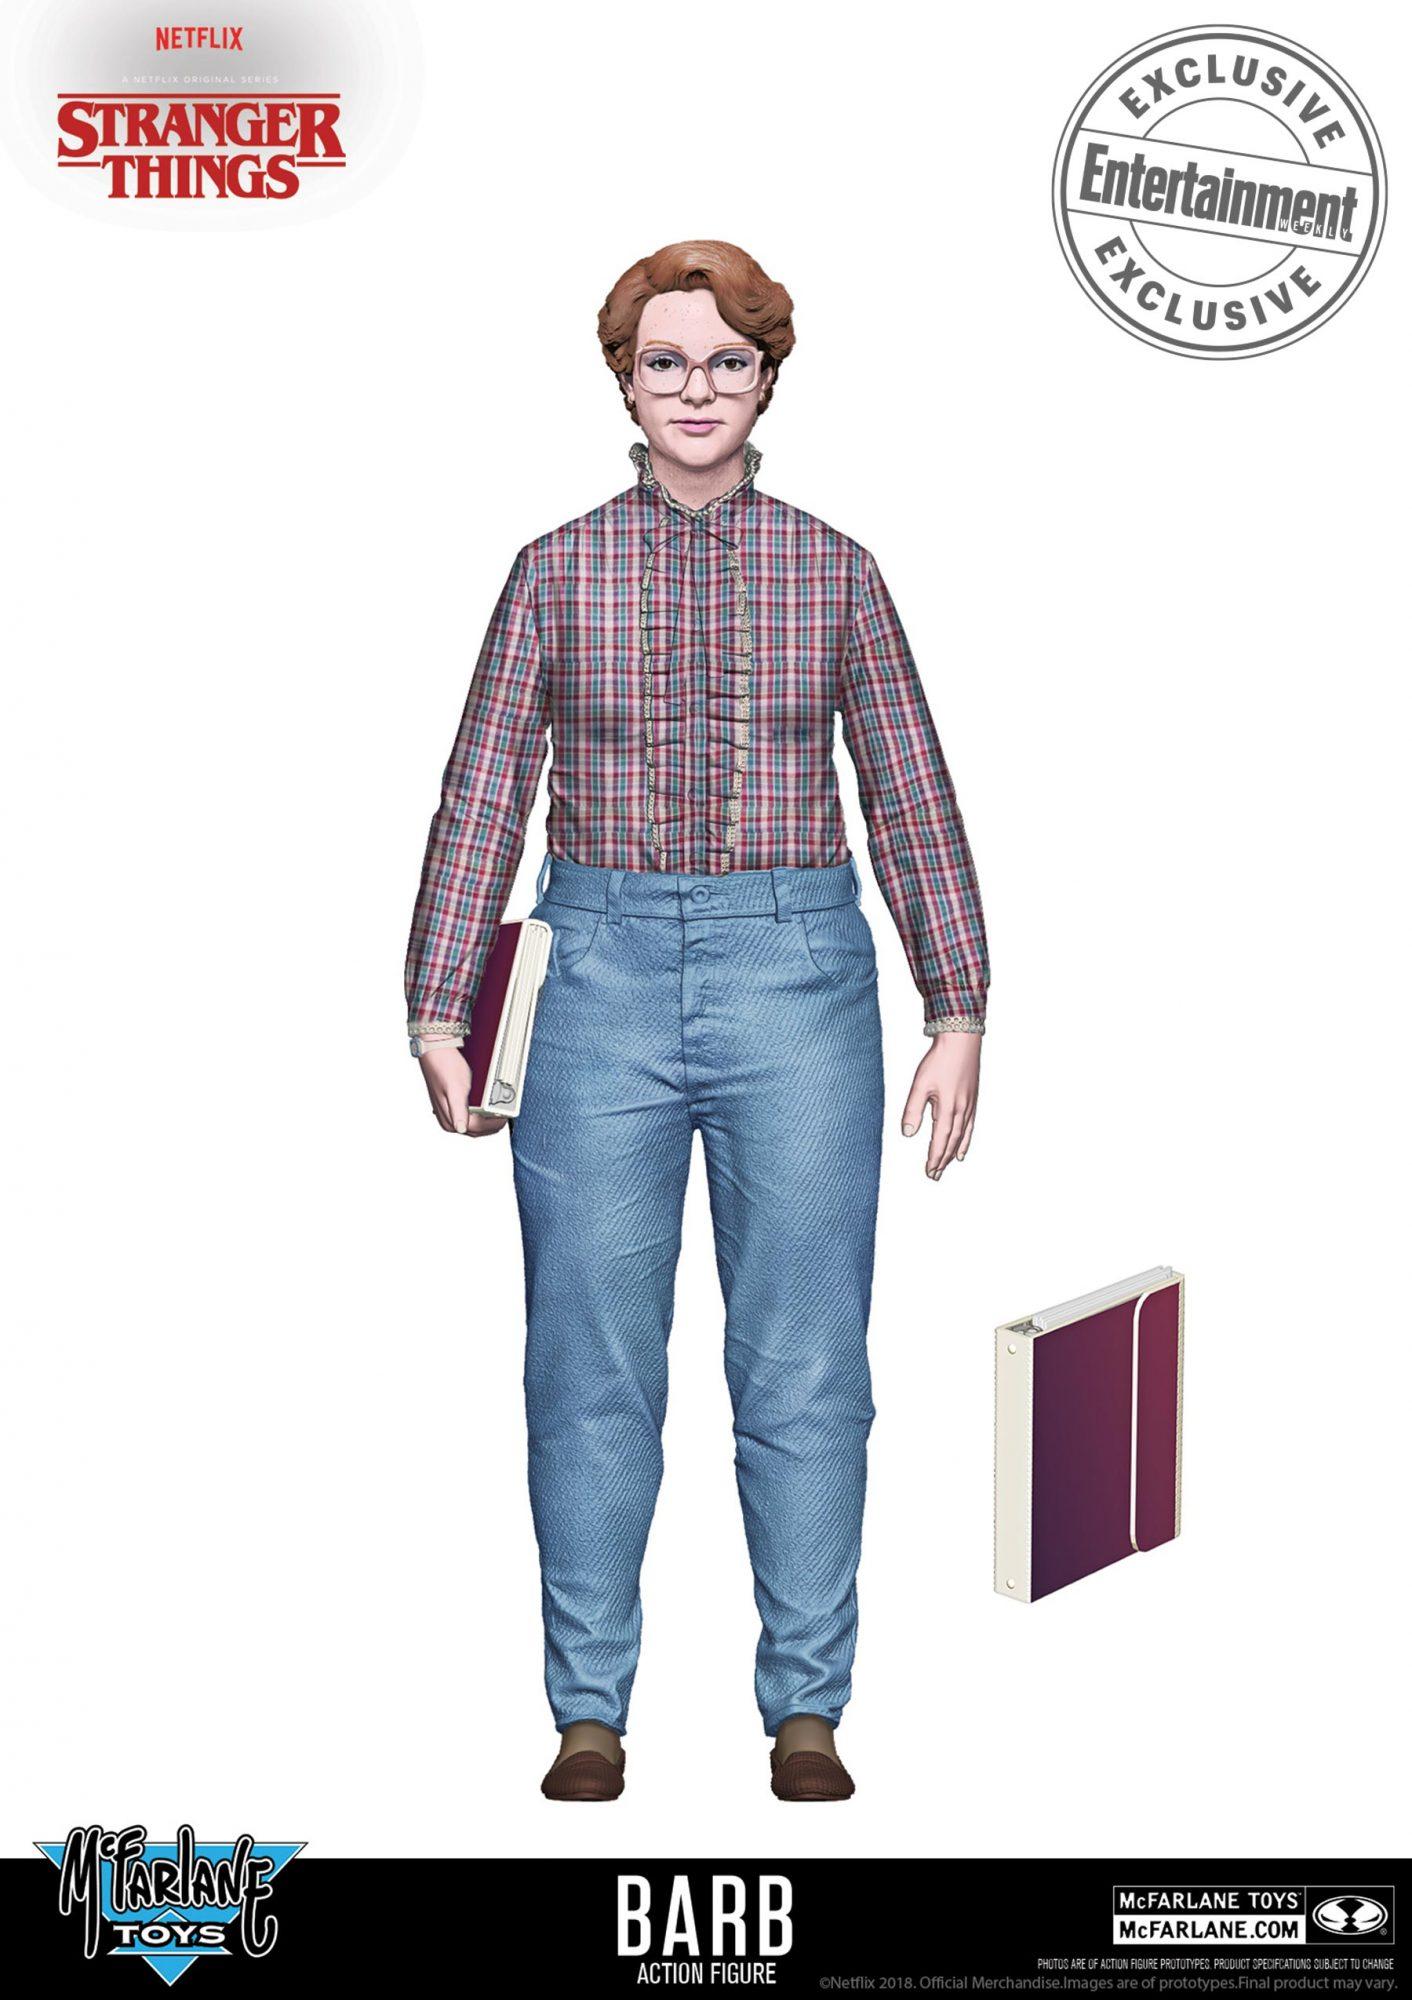 StrangerThings_BARB_Dressed_Sales_01